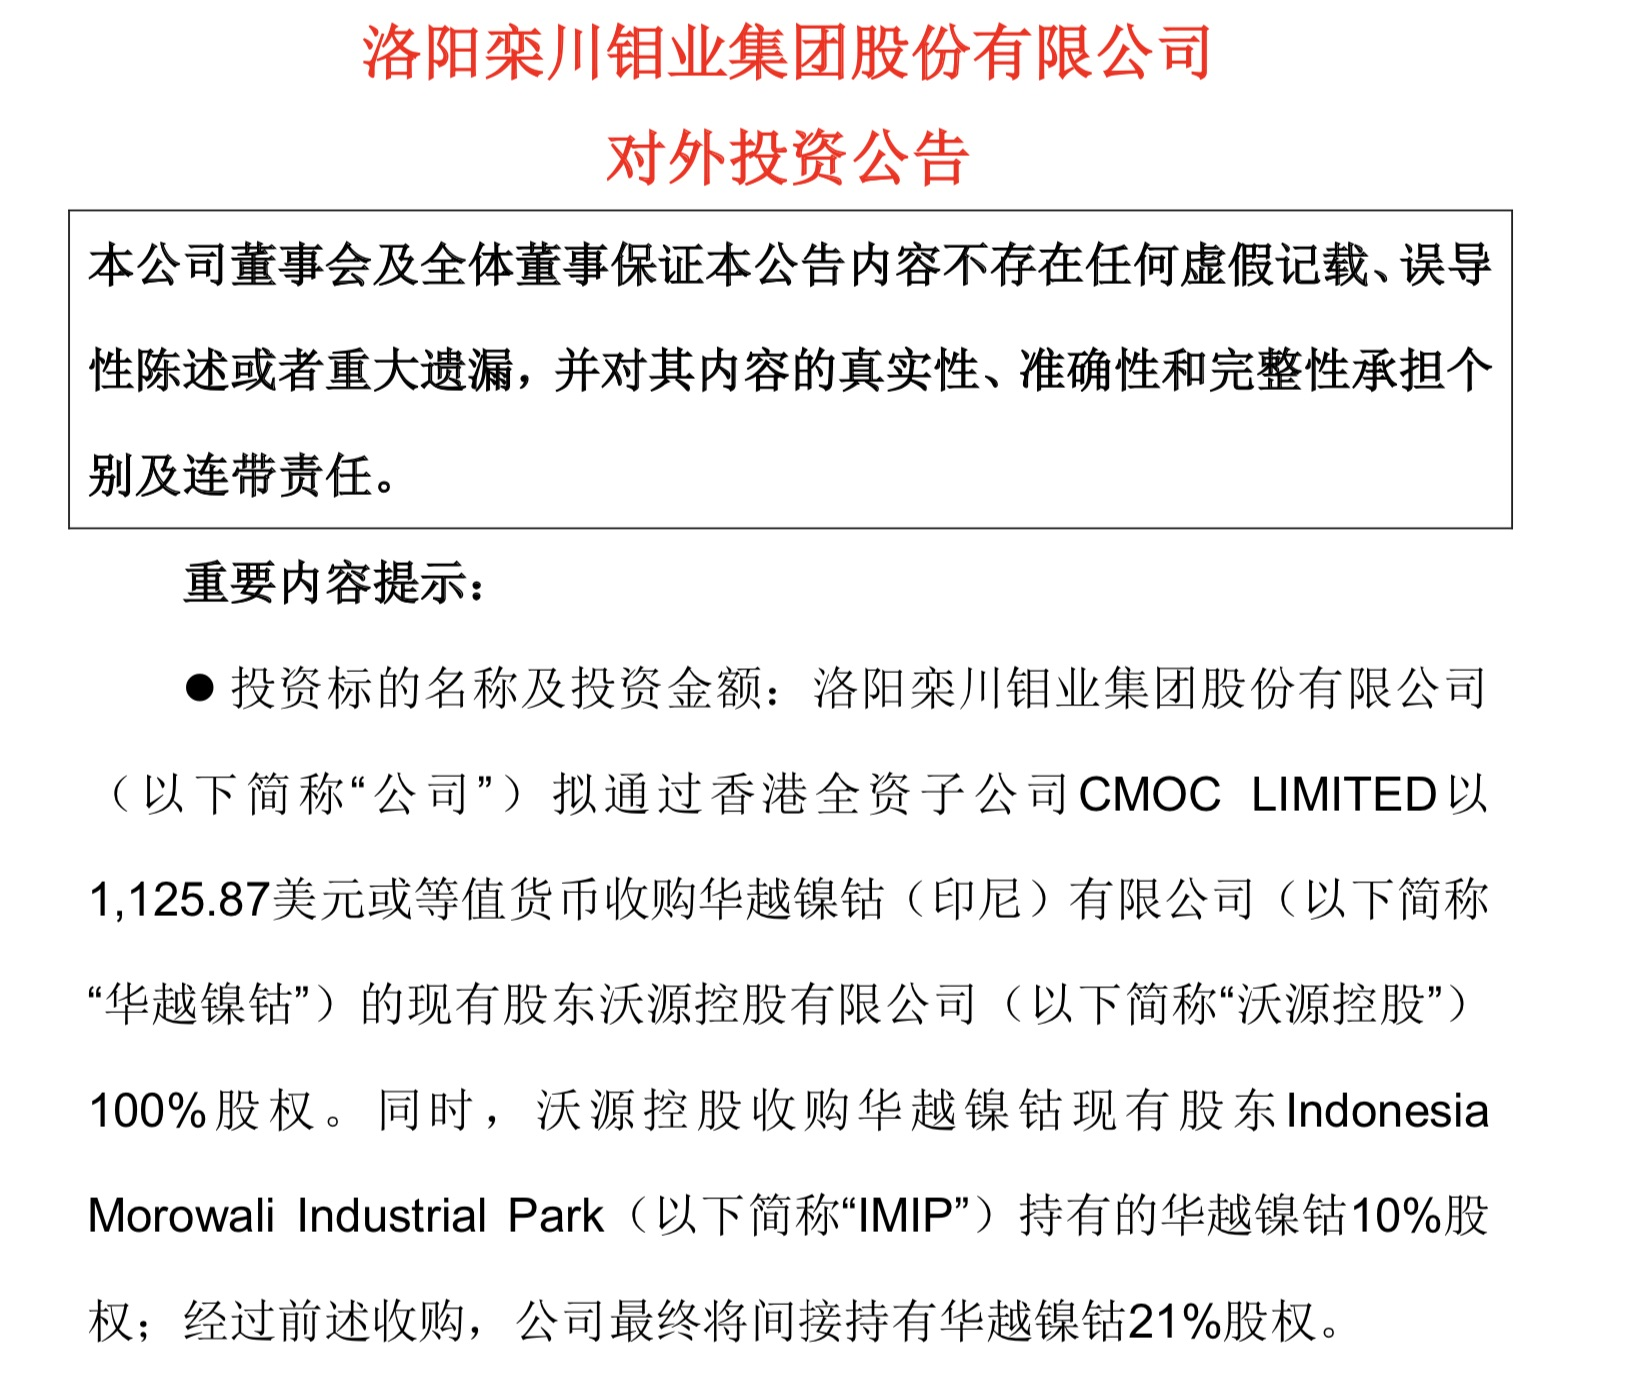 洛阳钼业布局印尼镍、钴产业:瞄准新能源领域稀有资源产业链_华越